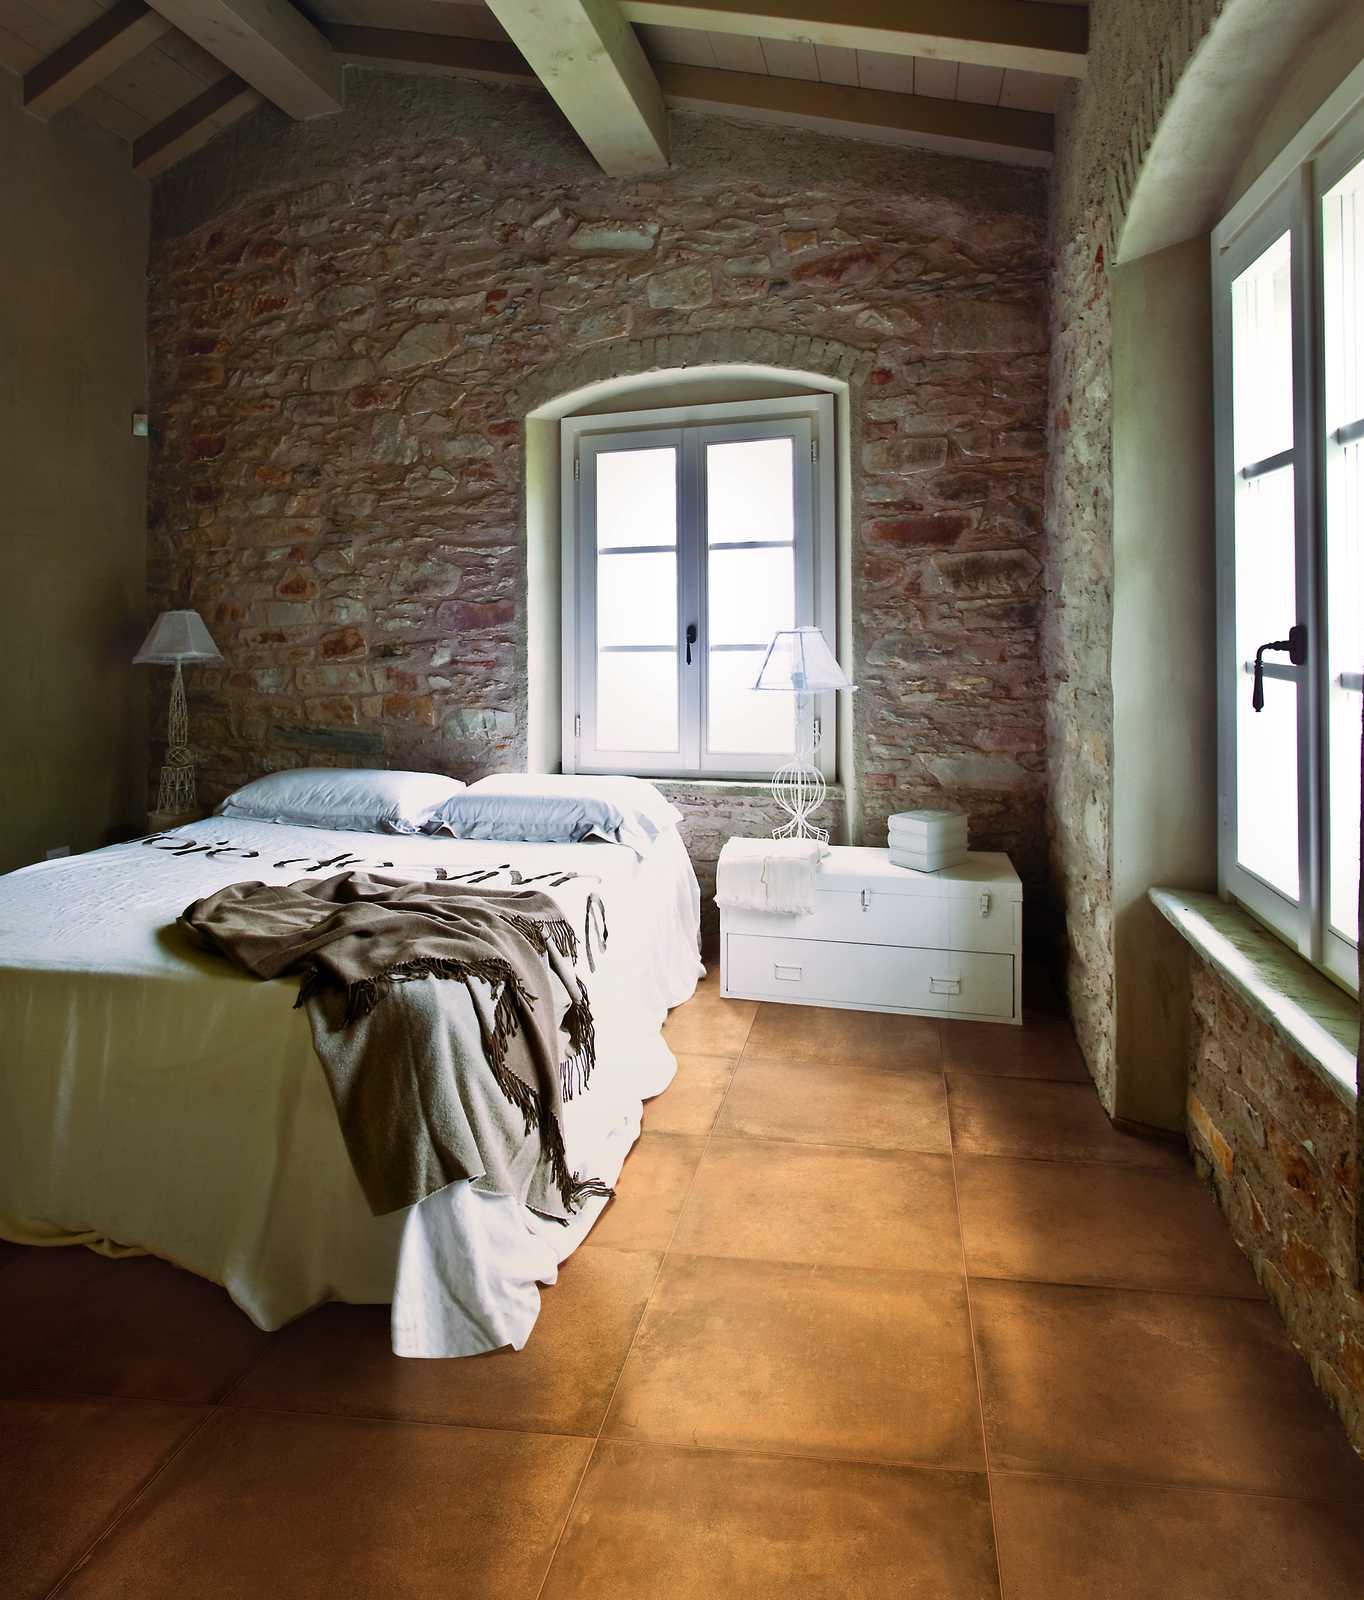 Cotto Toscana Cotto Look Stoneware Marazzi